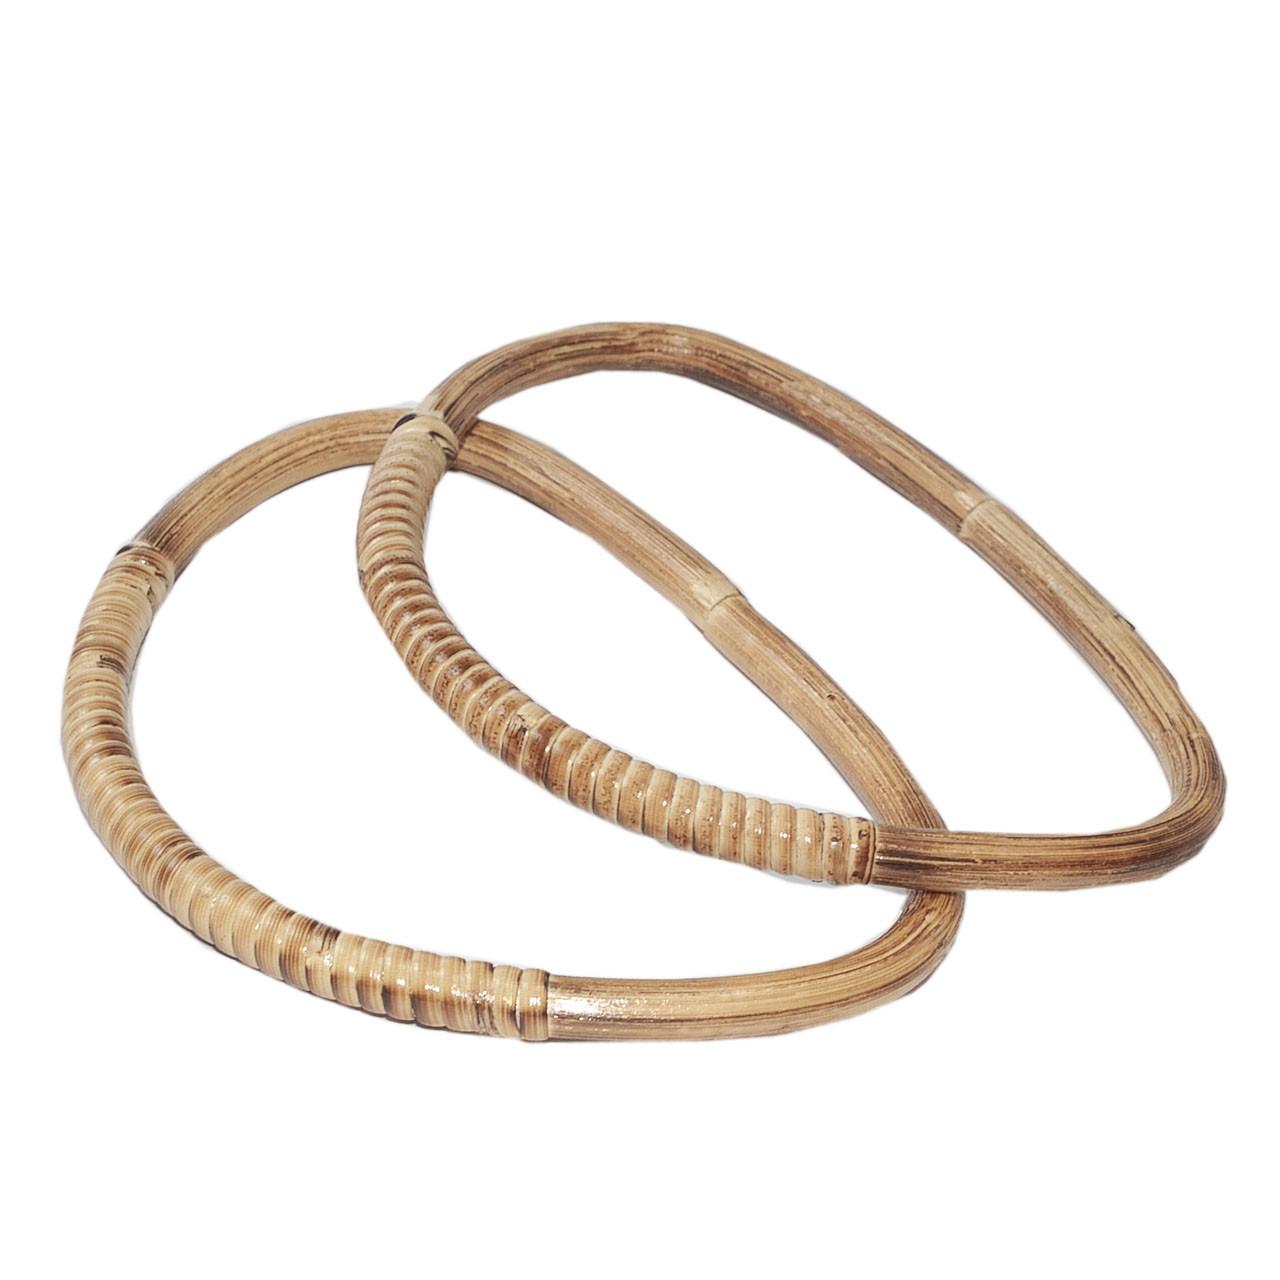 Комплект ручек для сумки натуральный Бамбук капля, Светлая охра 18,5х13,5 см